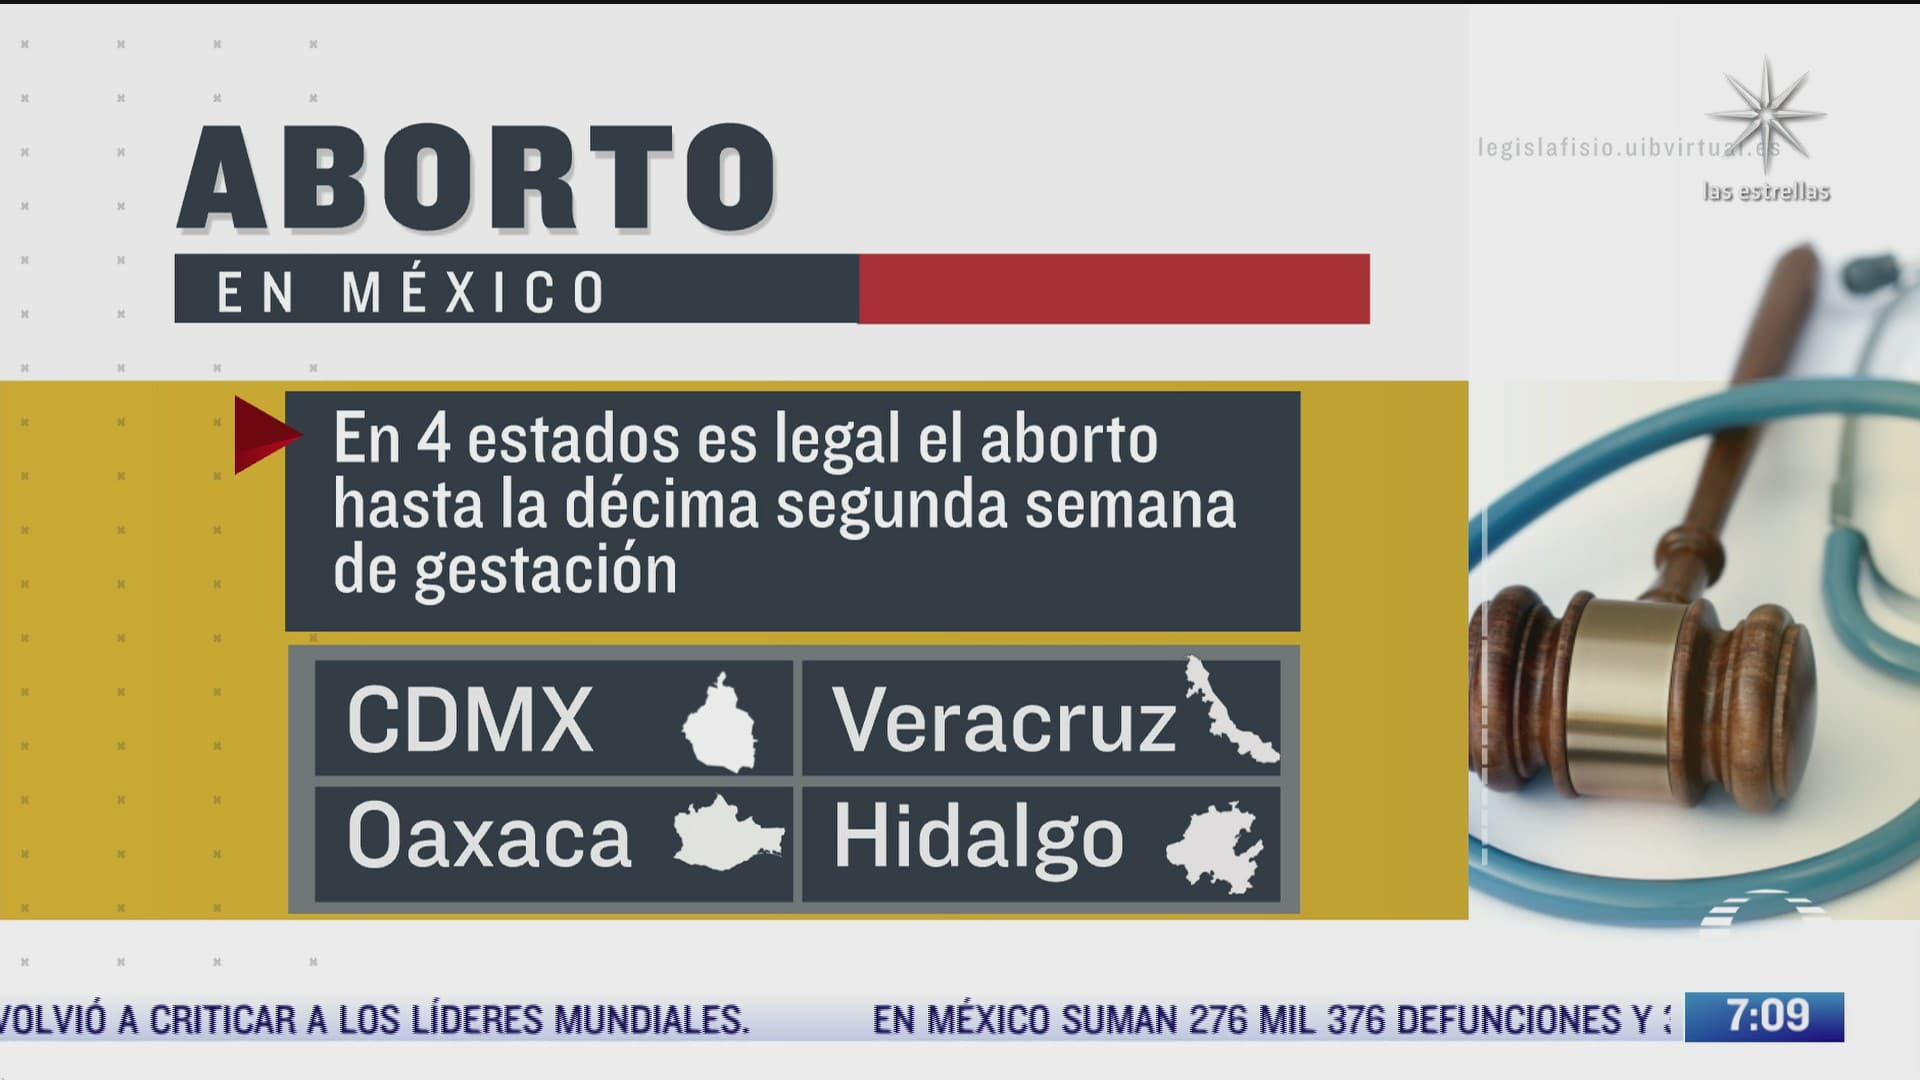 en que estados de mexico es legal el aborto hasta la semana 12 de gestacion